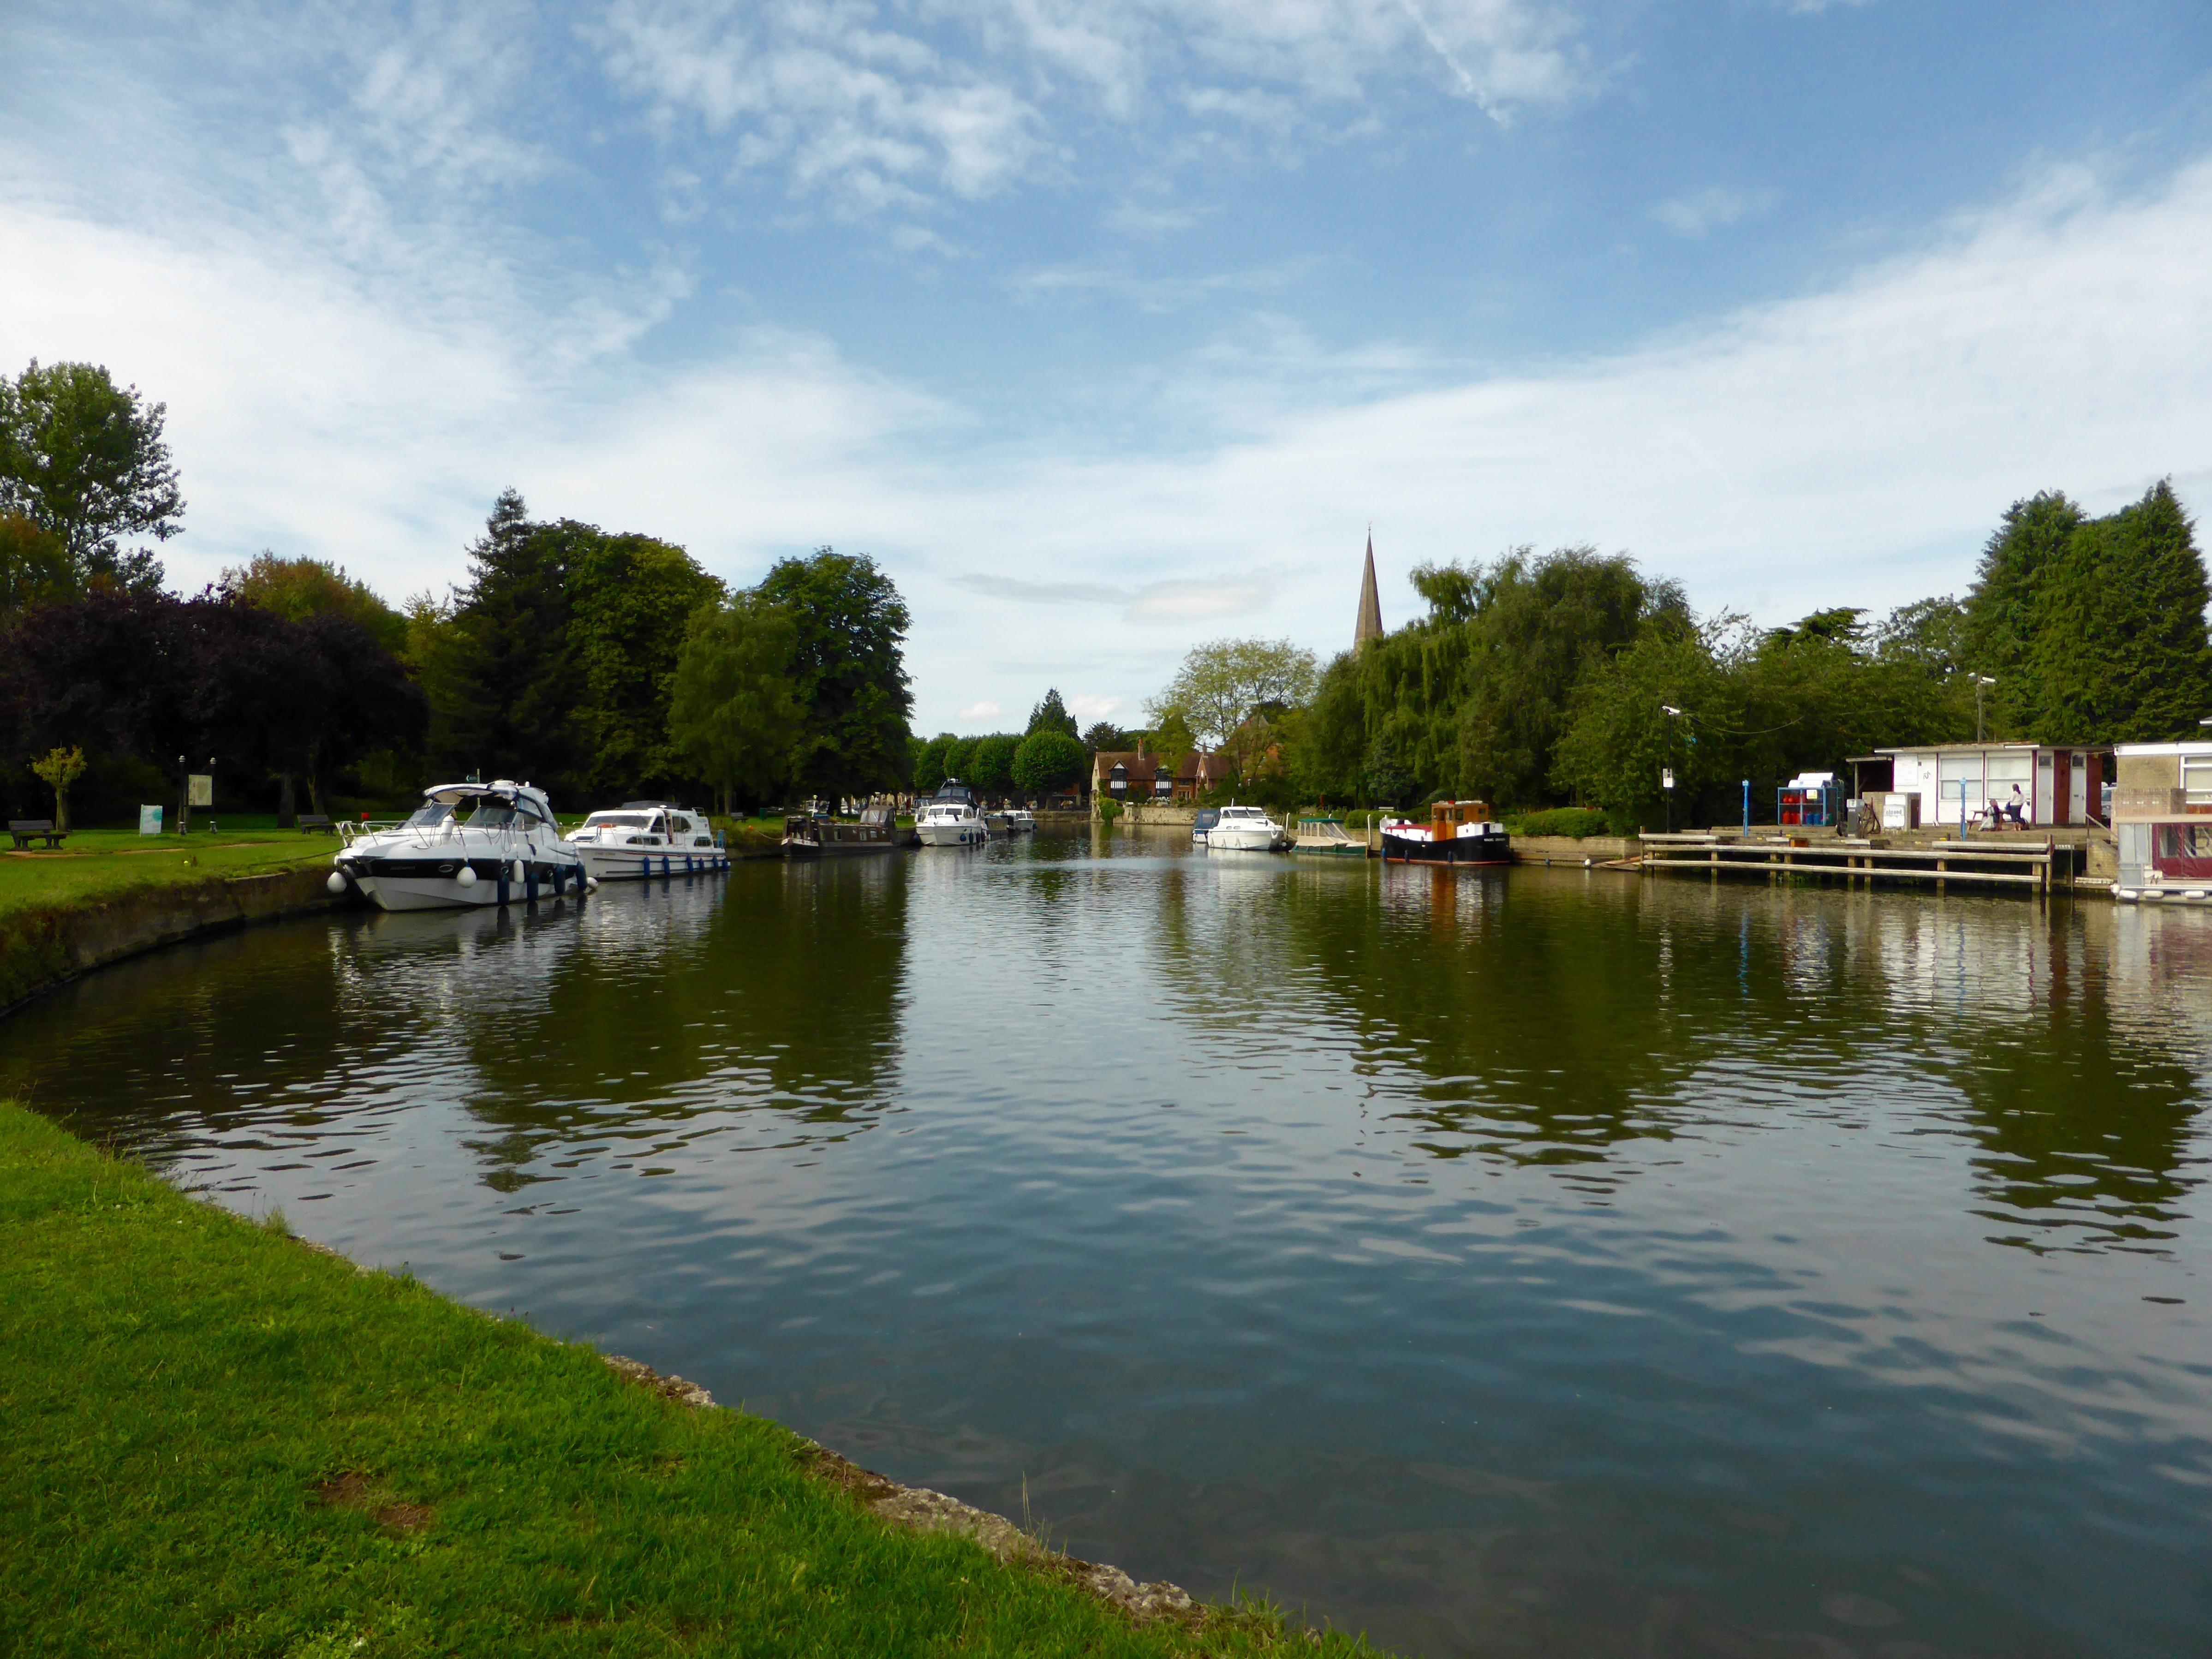 The Thames at Abingdon